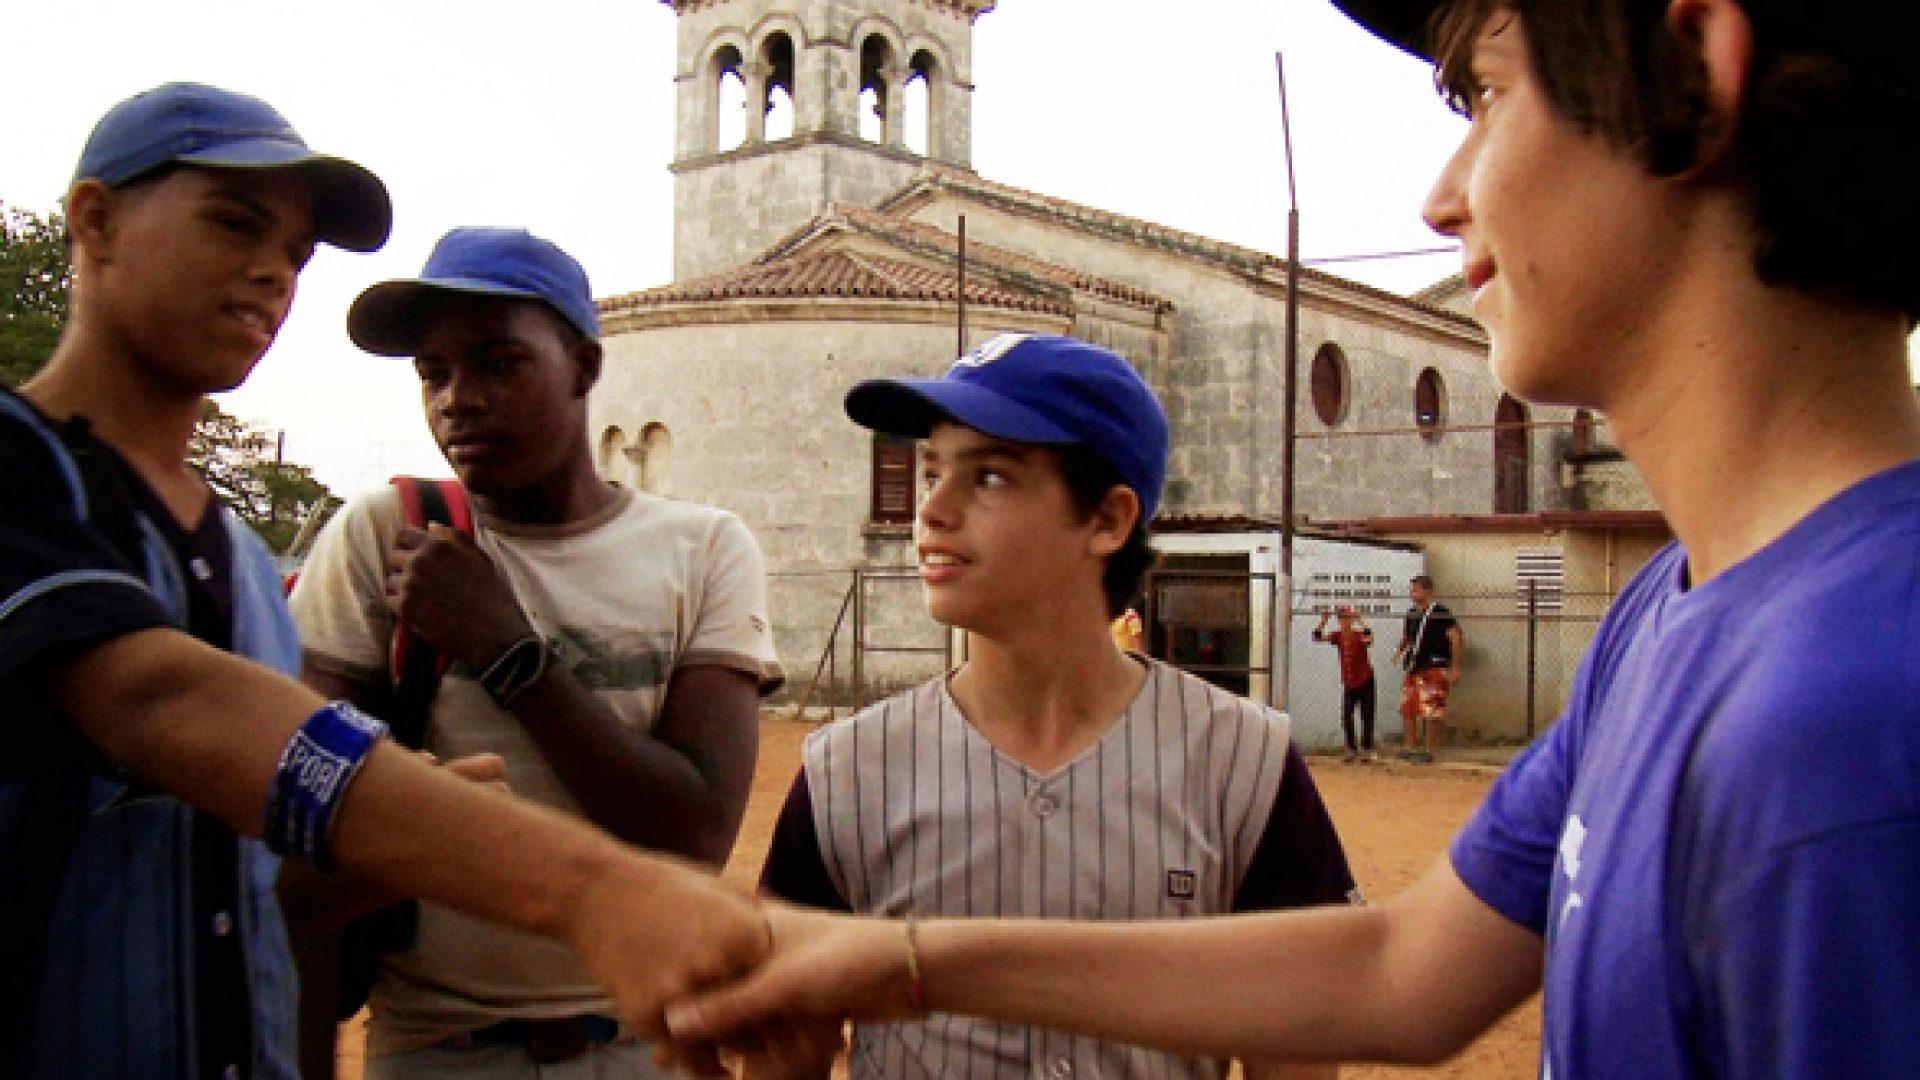 HavanaCurveball2660